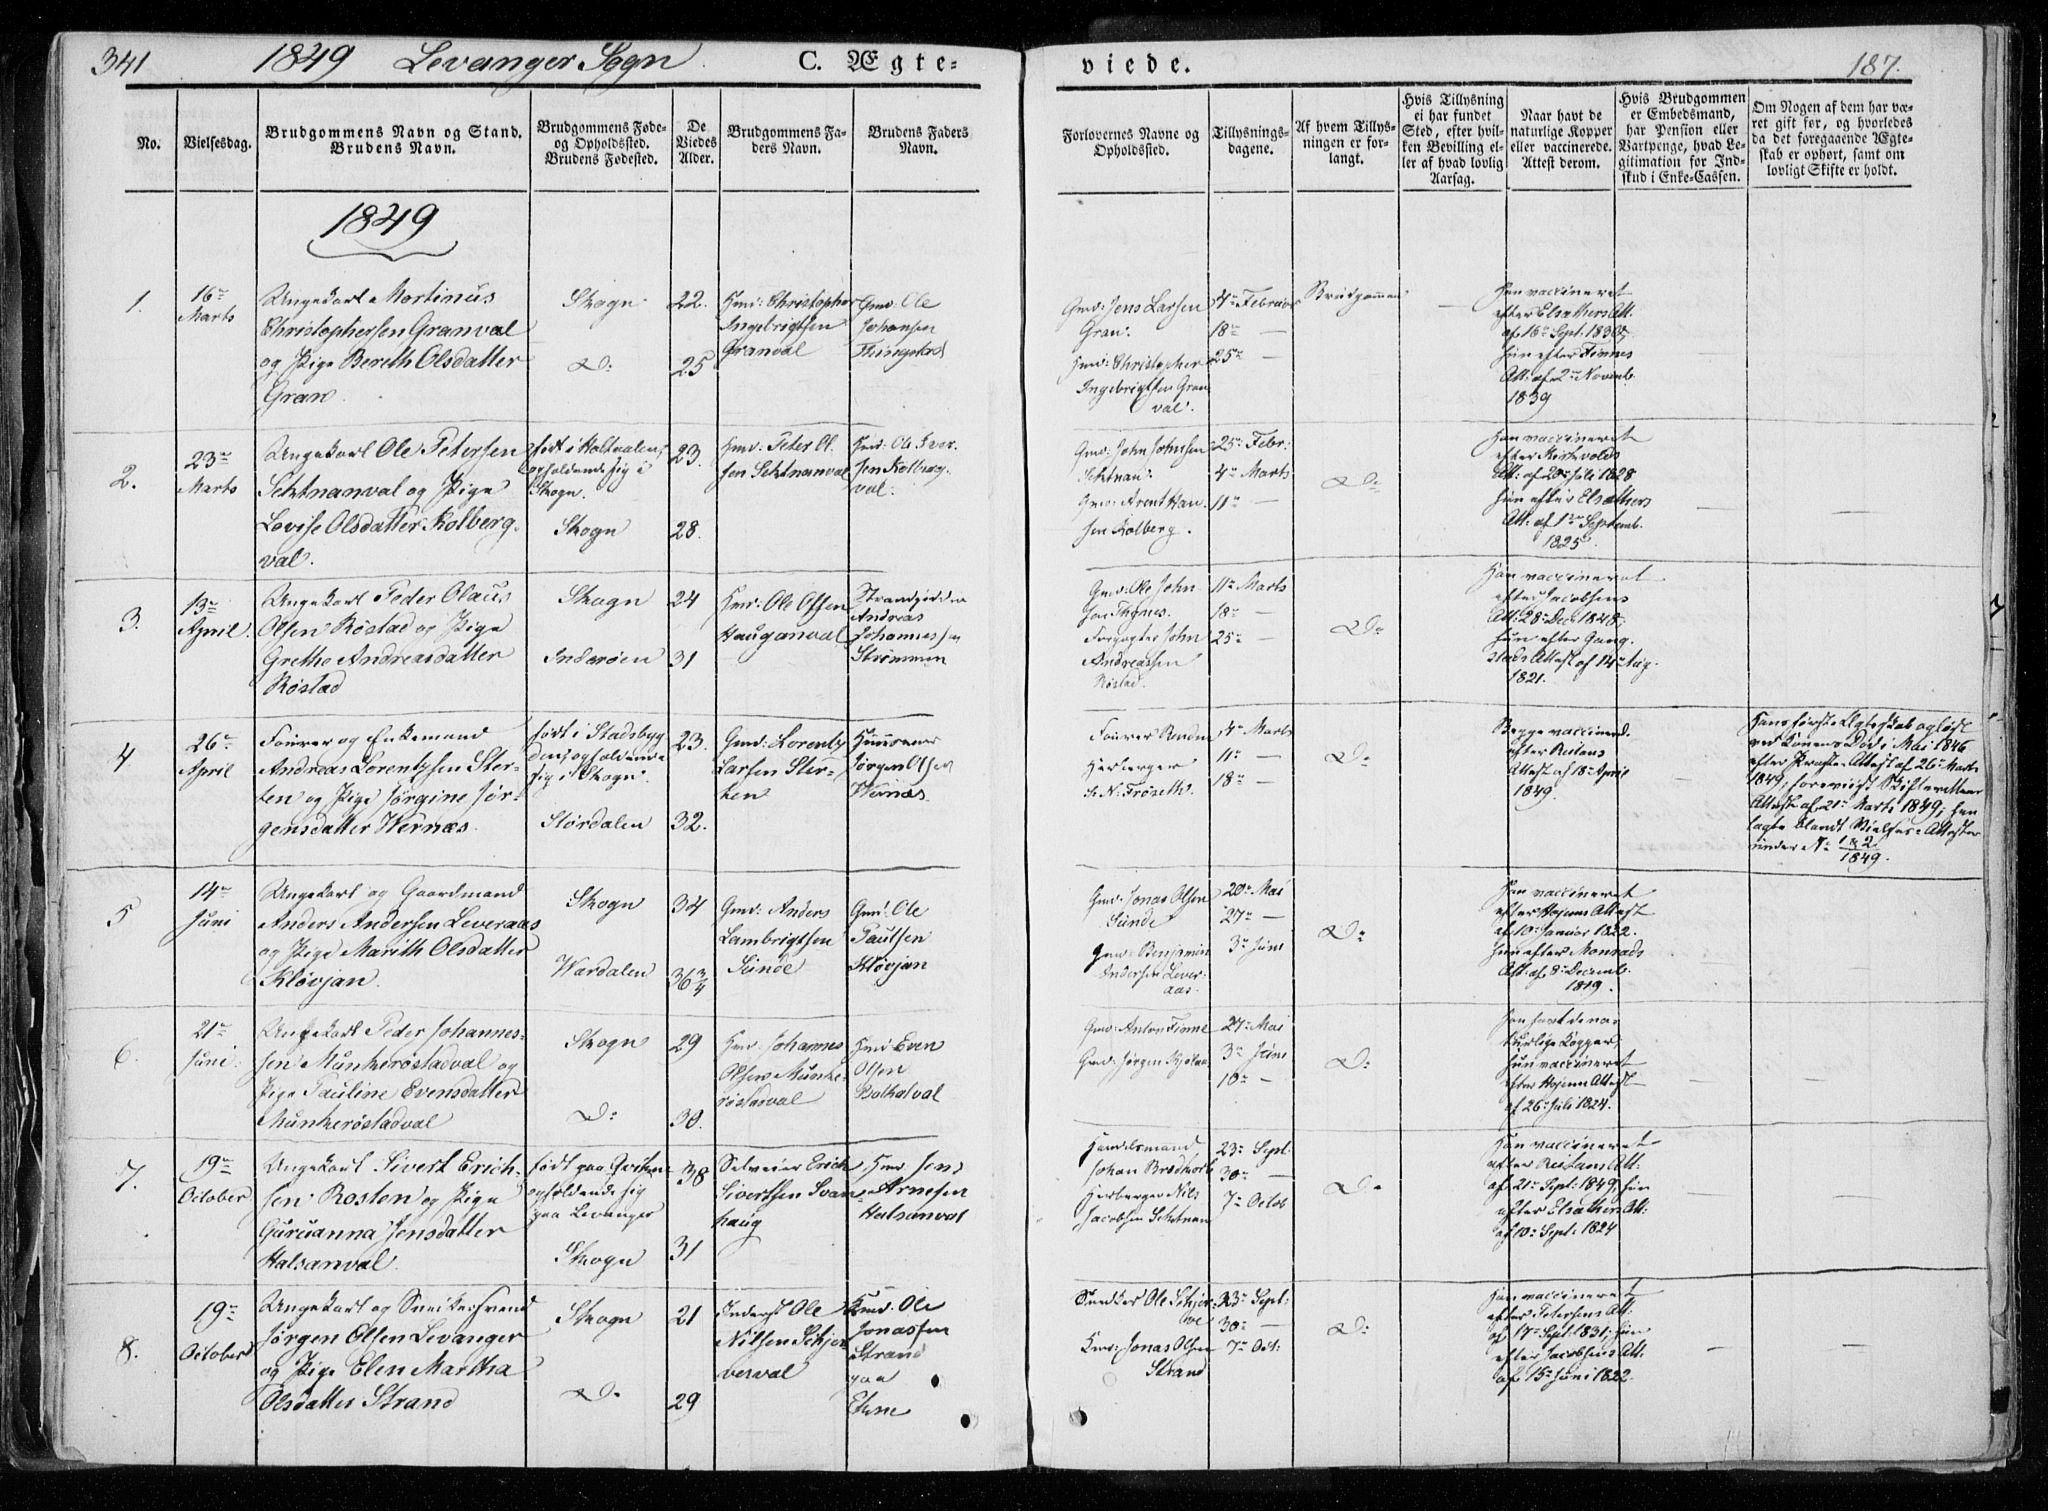 SAT, Ministerialprotokoller, klokkerbøker og fødselsregistre - Nord-Trøndelag, 720/L0183: Ministerialbok nr. 720A01, 1836-1855, s. 187